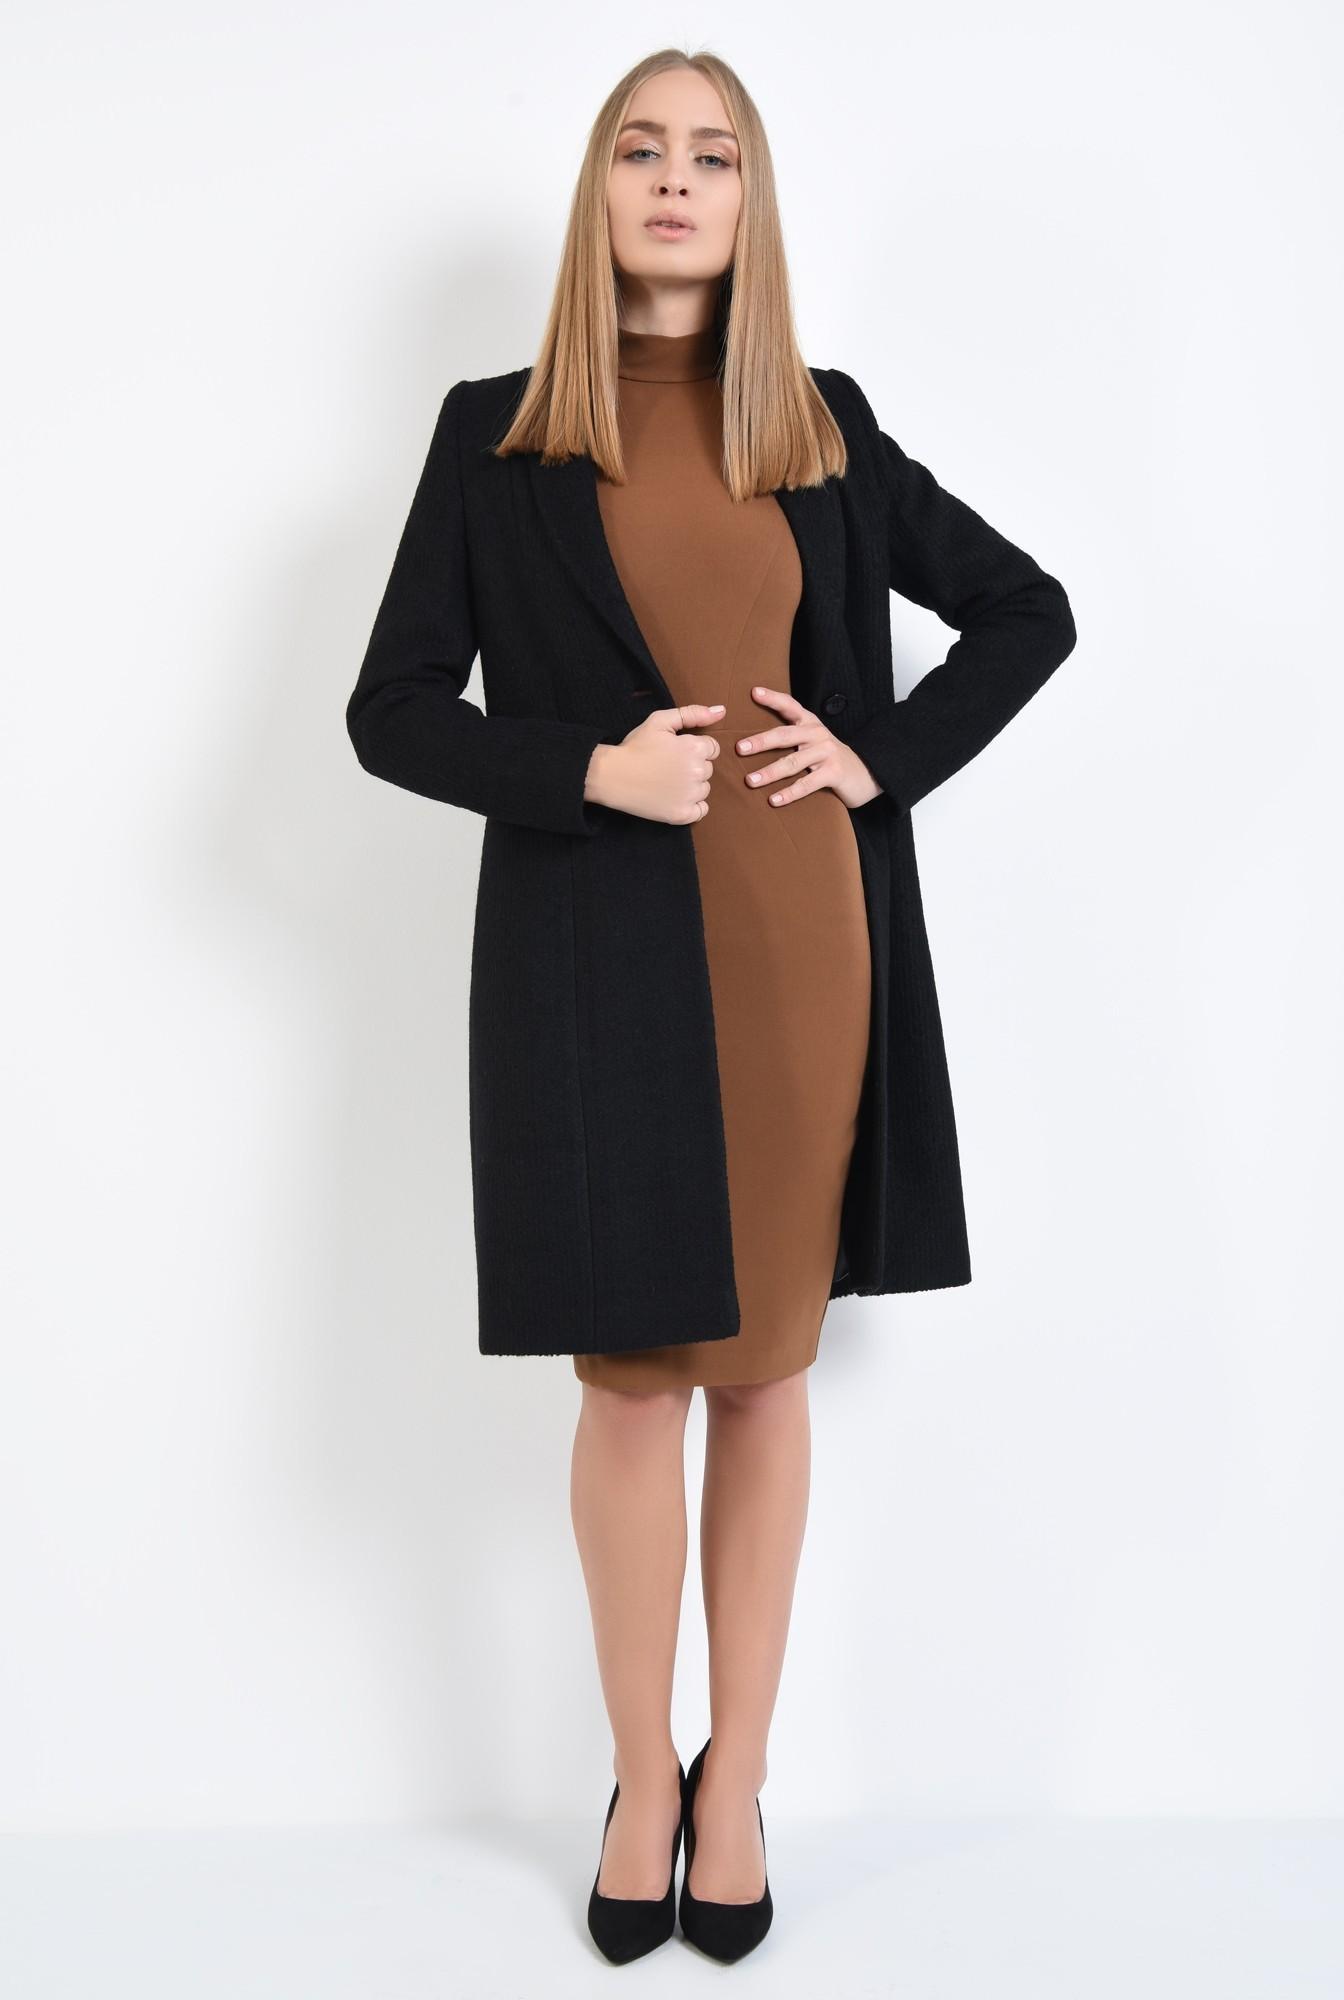 0 - 360 - palton negru, cu revere rotunjite, inchidere cu butoniera